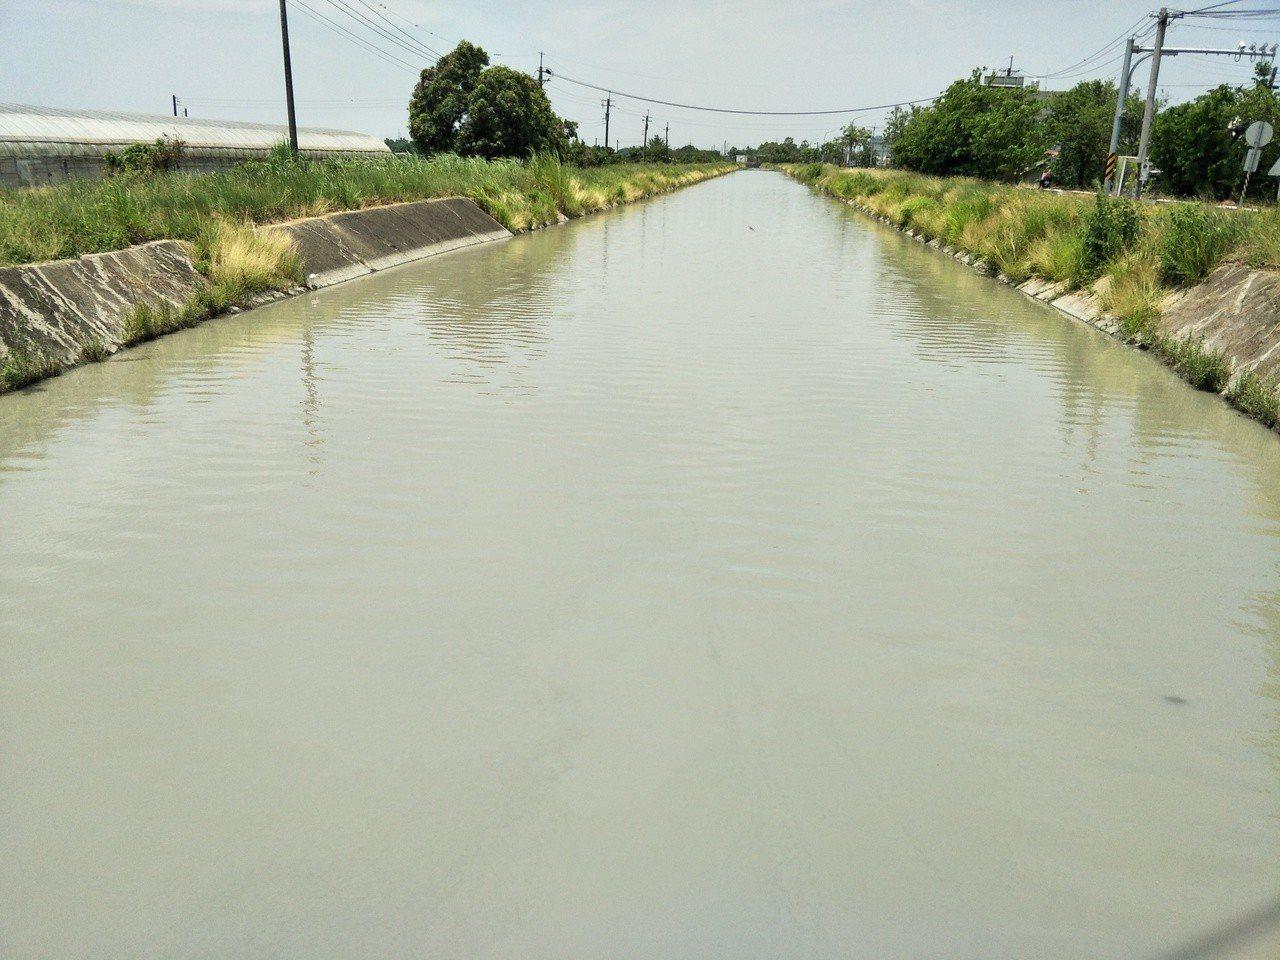 烏山頭水庫水質差,嘉南大圳南幹線水域顏色明顯趨黃。記者謝進盛╱攝影